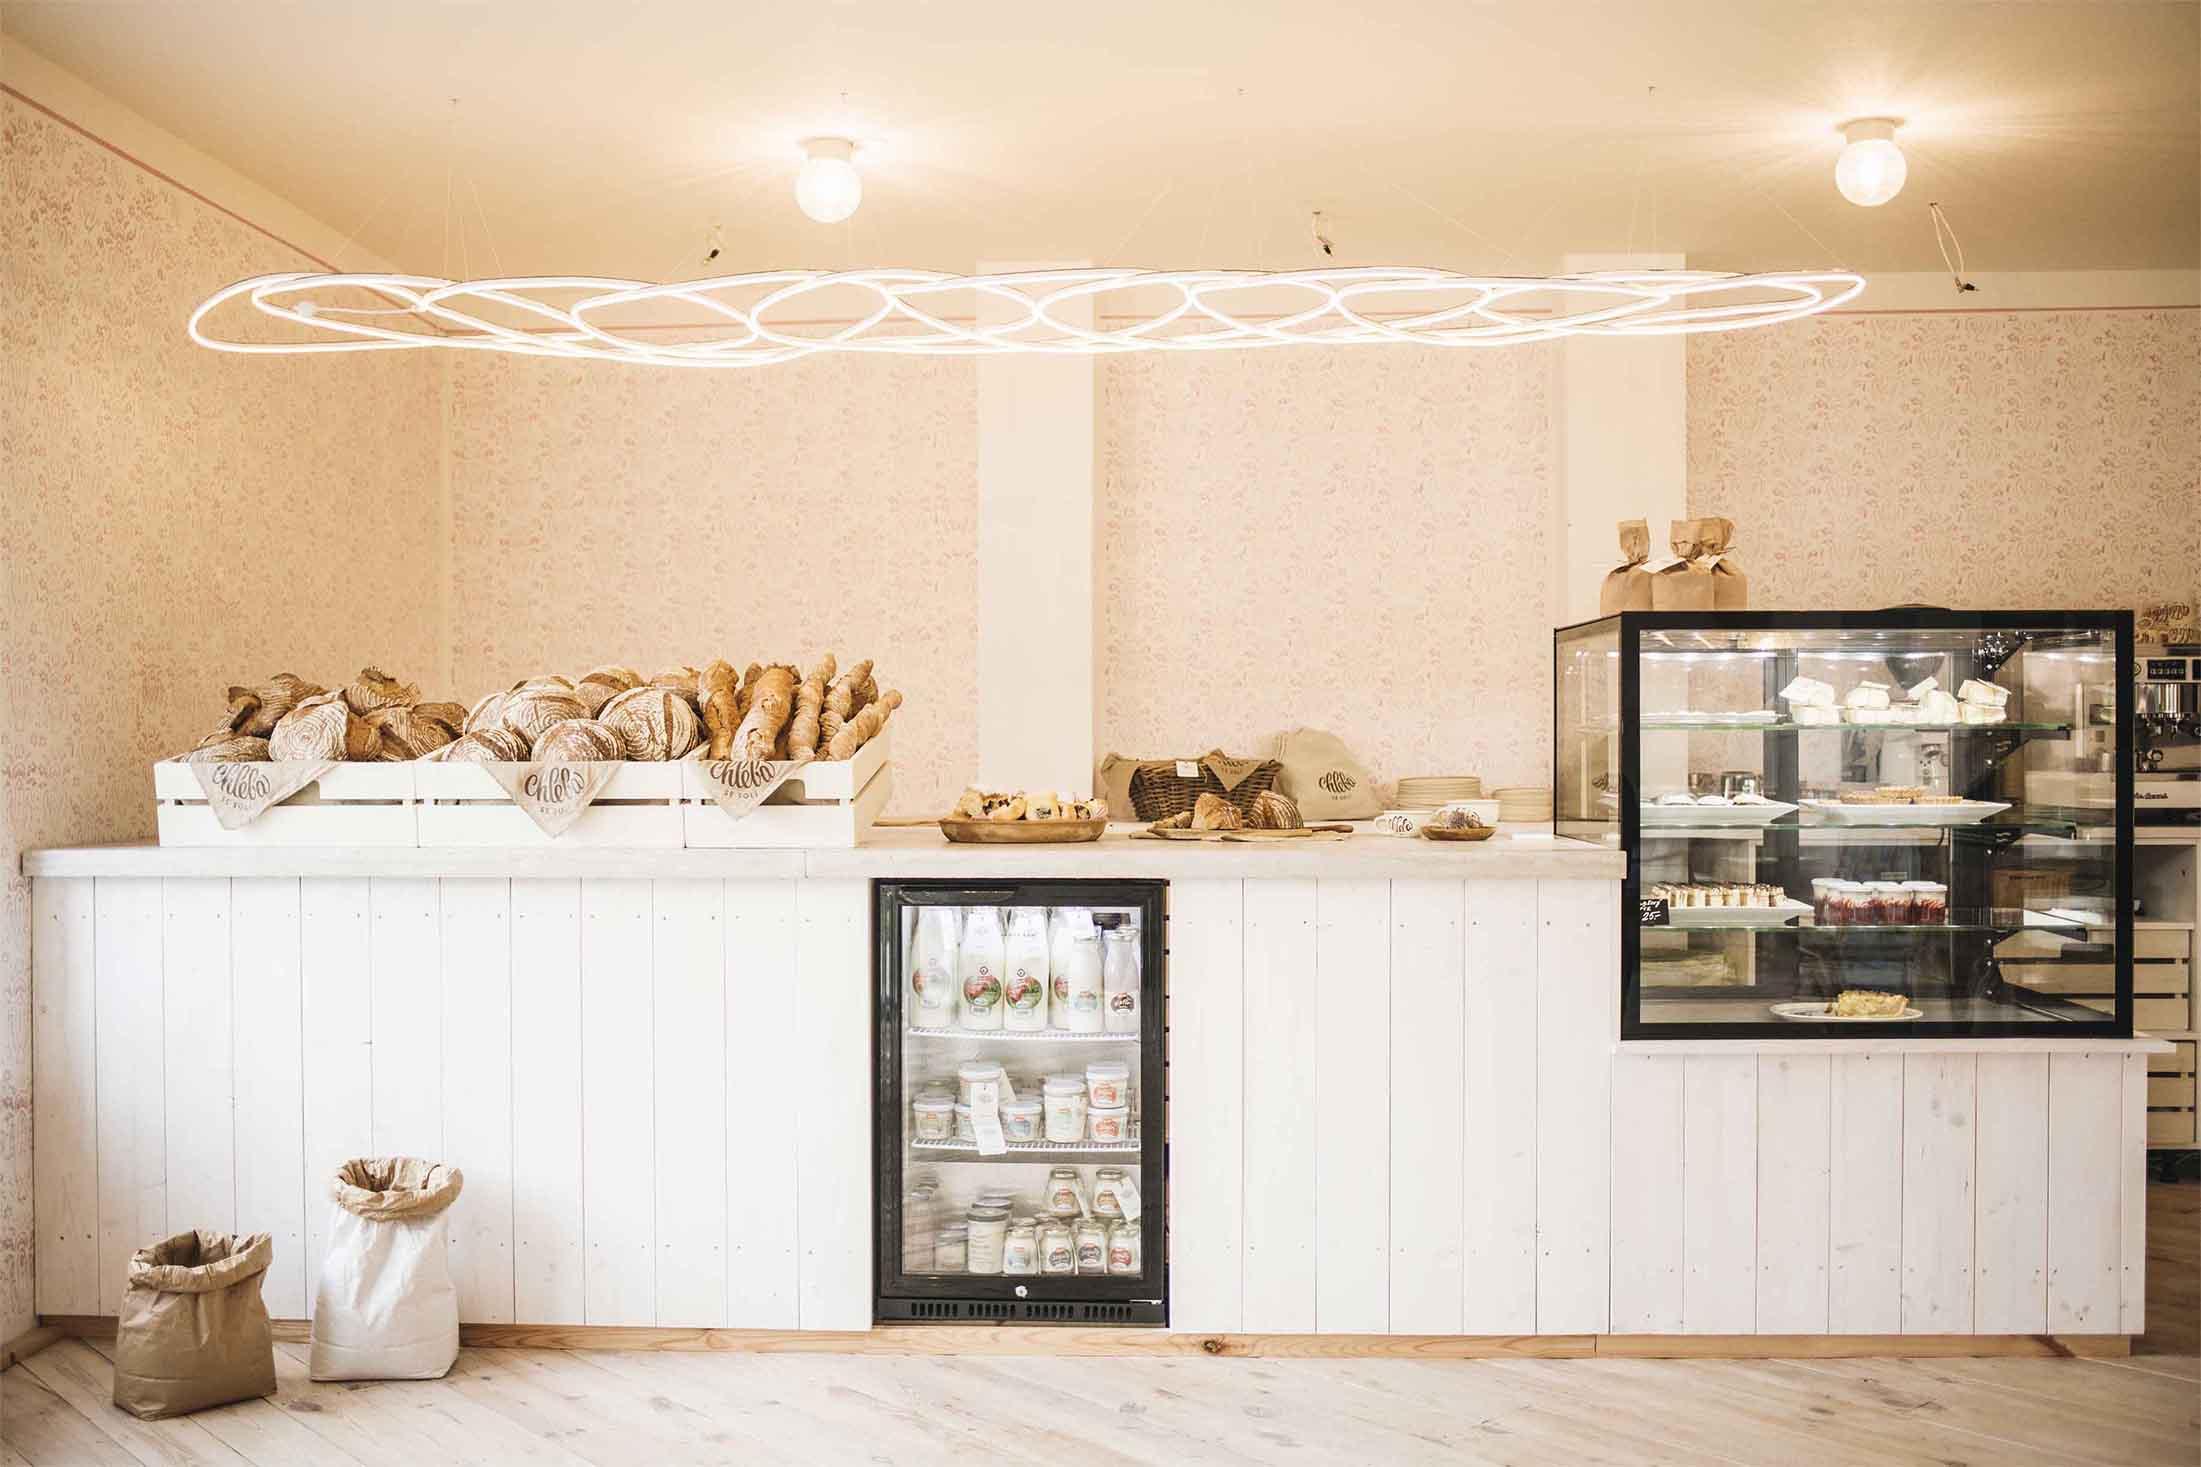 Pekárna Chleba se solí, Včelná - prodejní pult jemuž dominuje světelná pletýnka vlastní výroby. Autor: KURZ architekti